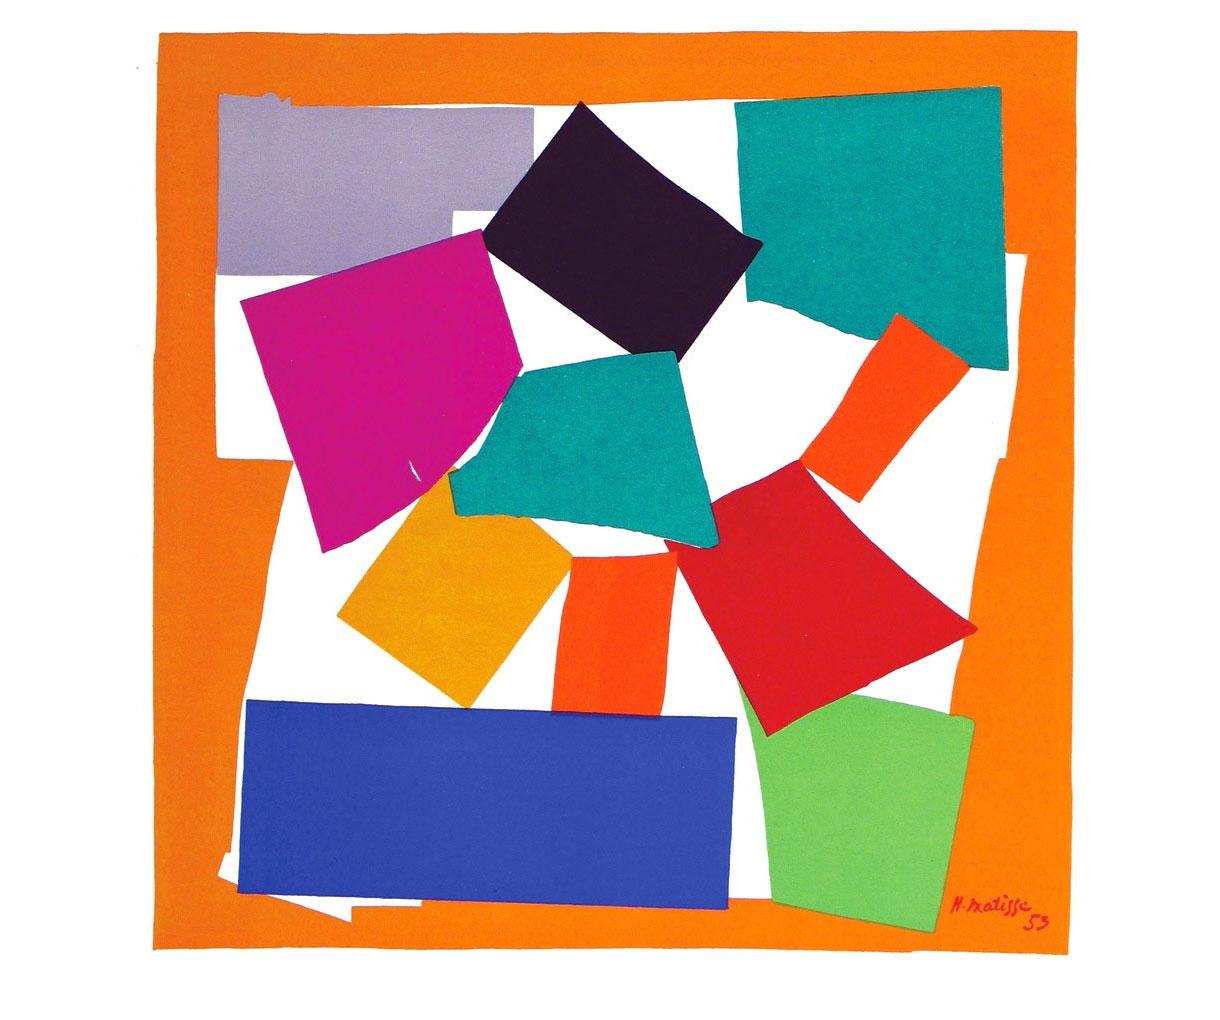 L'Escargot (La lumaca) - Matisse - 1953